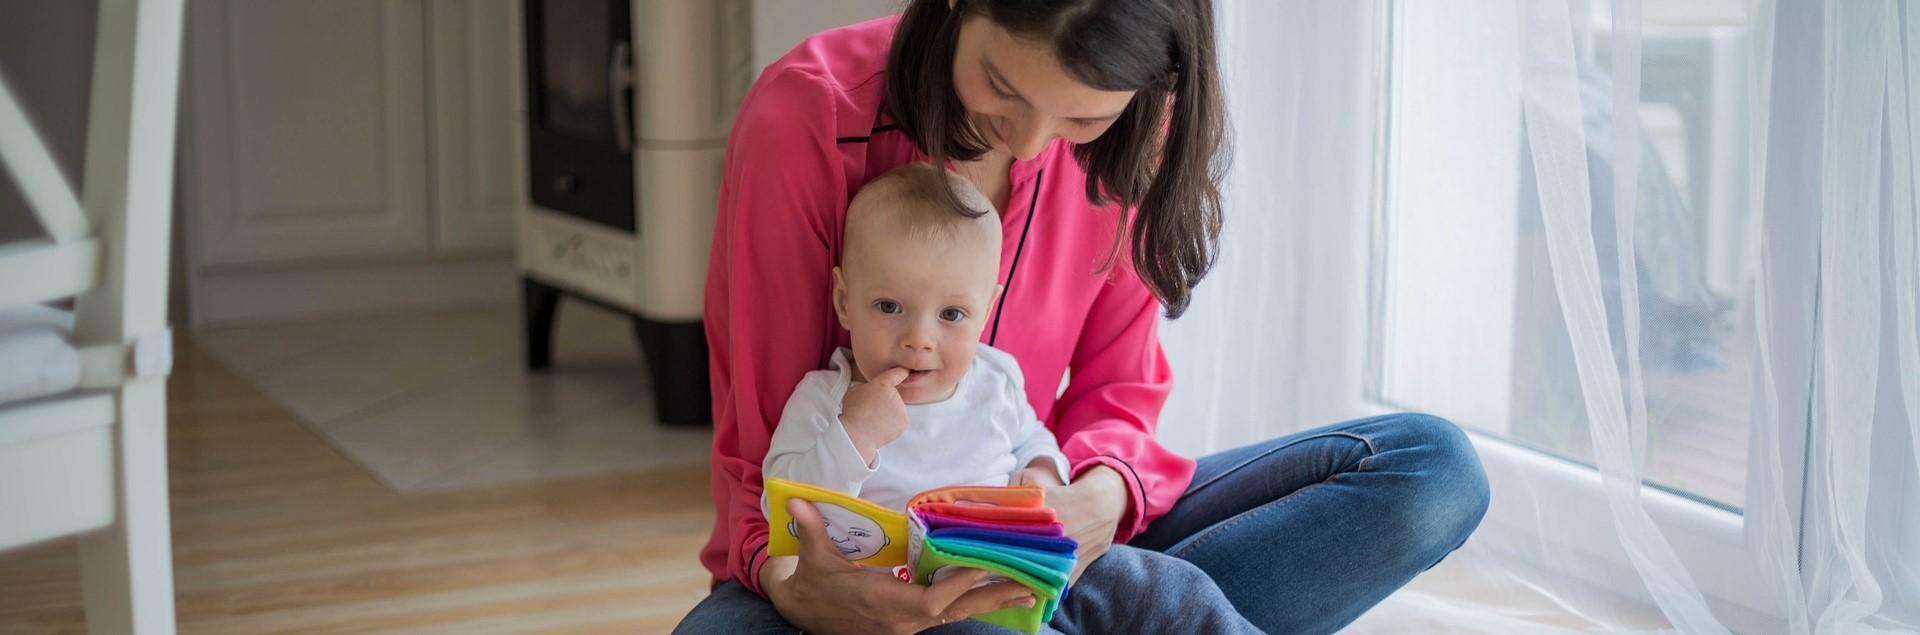 Une femme lit un livre à un bébé.